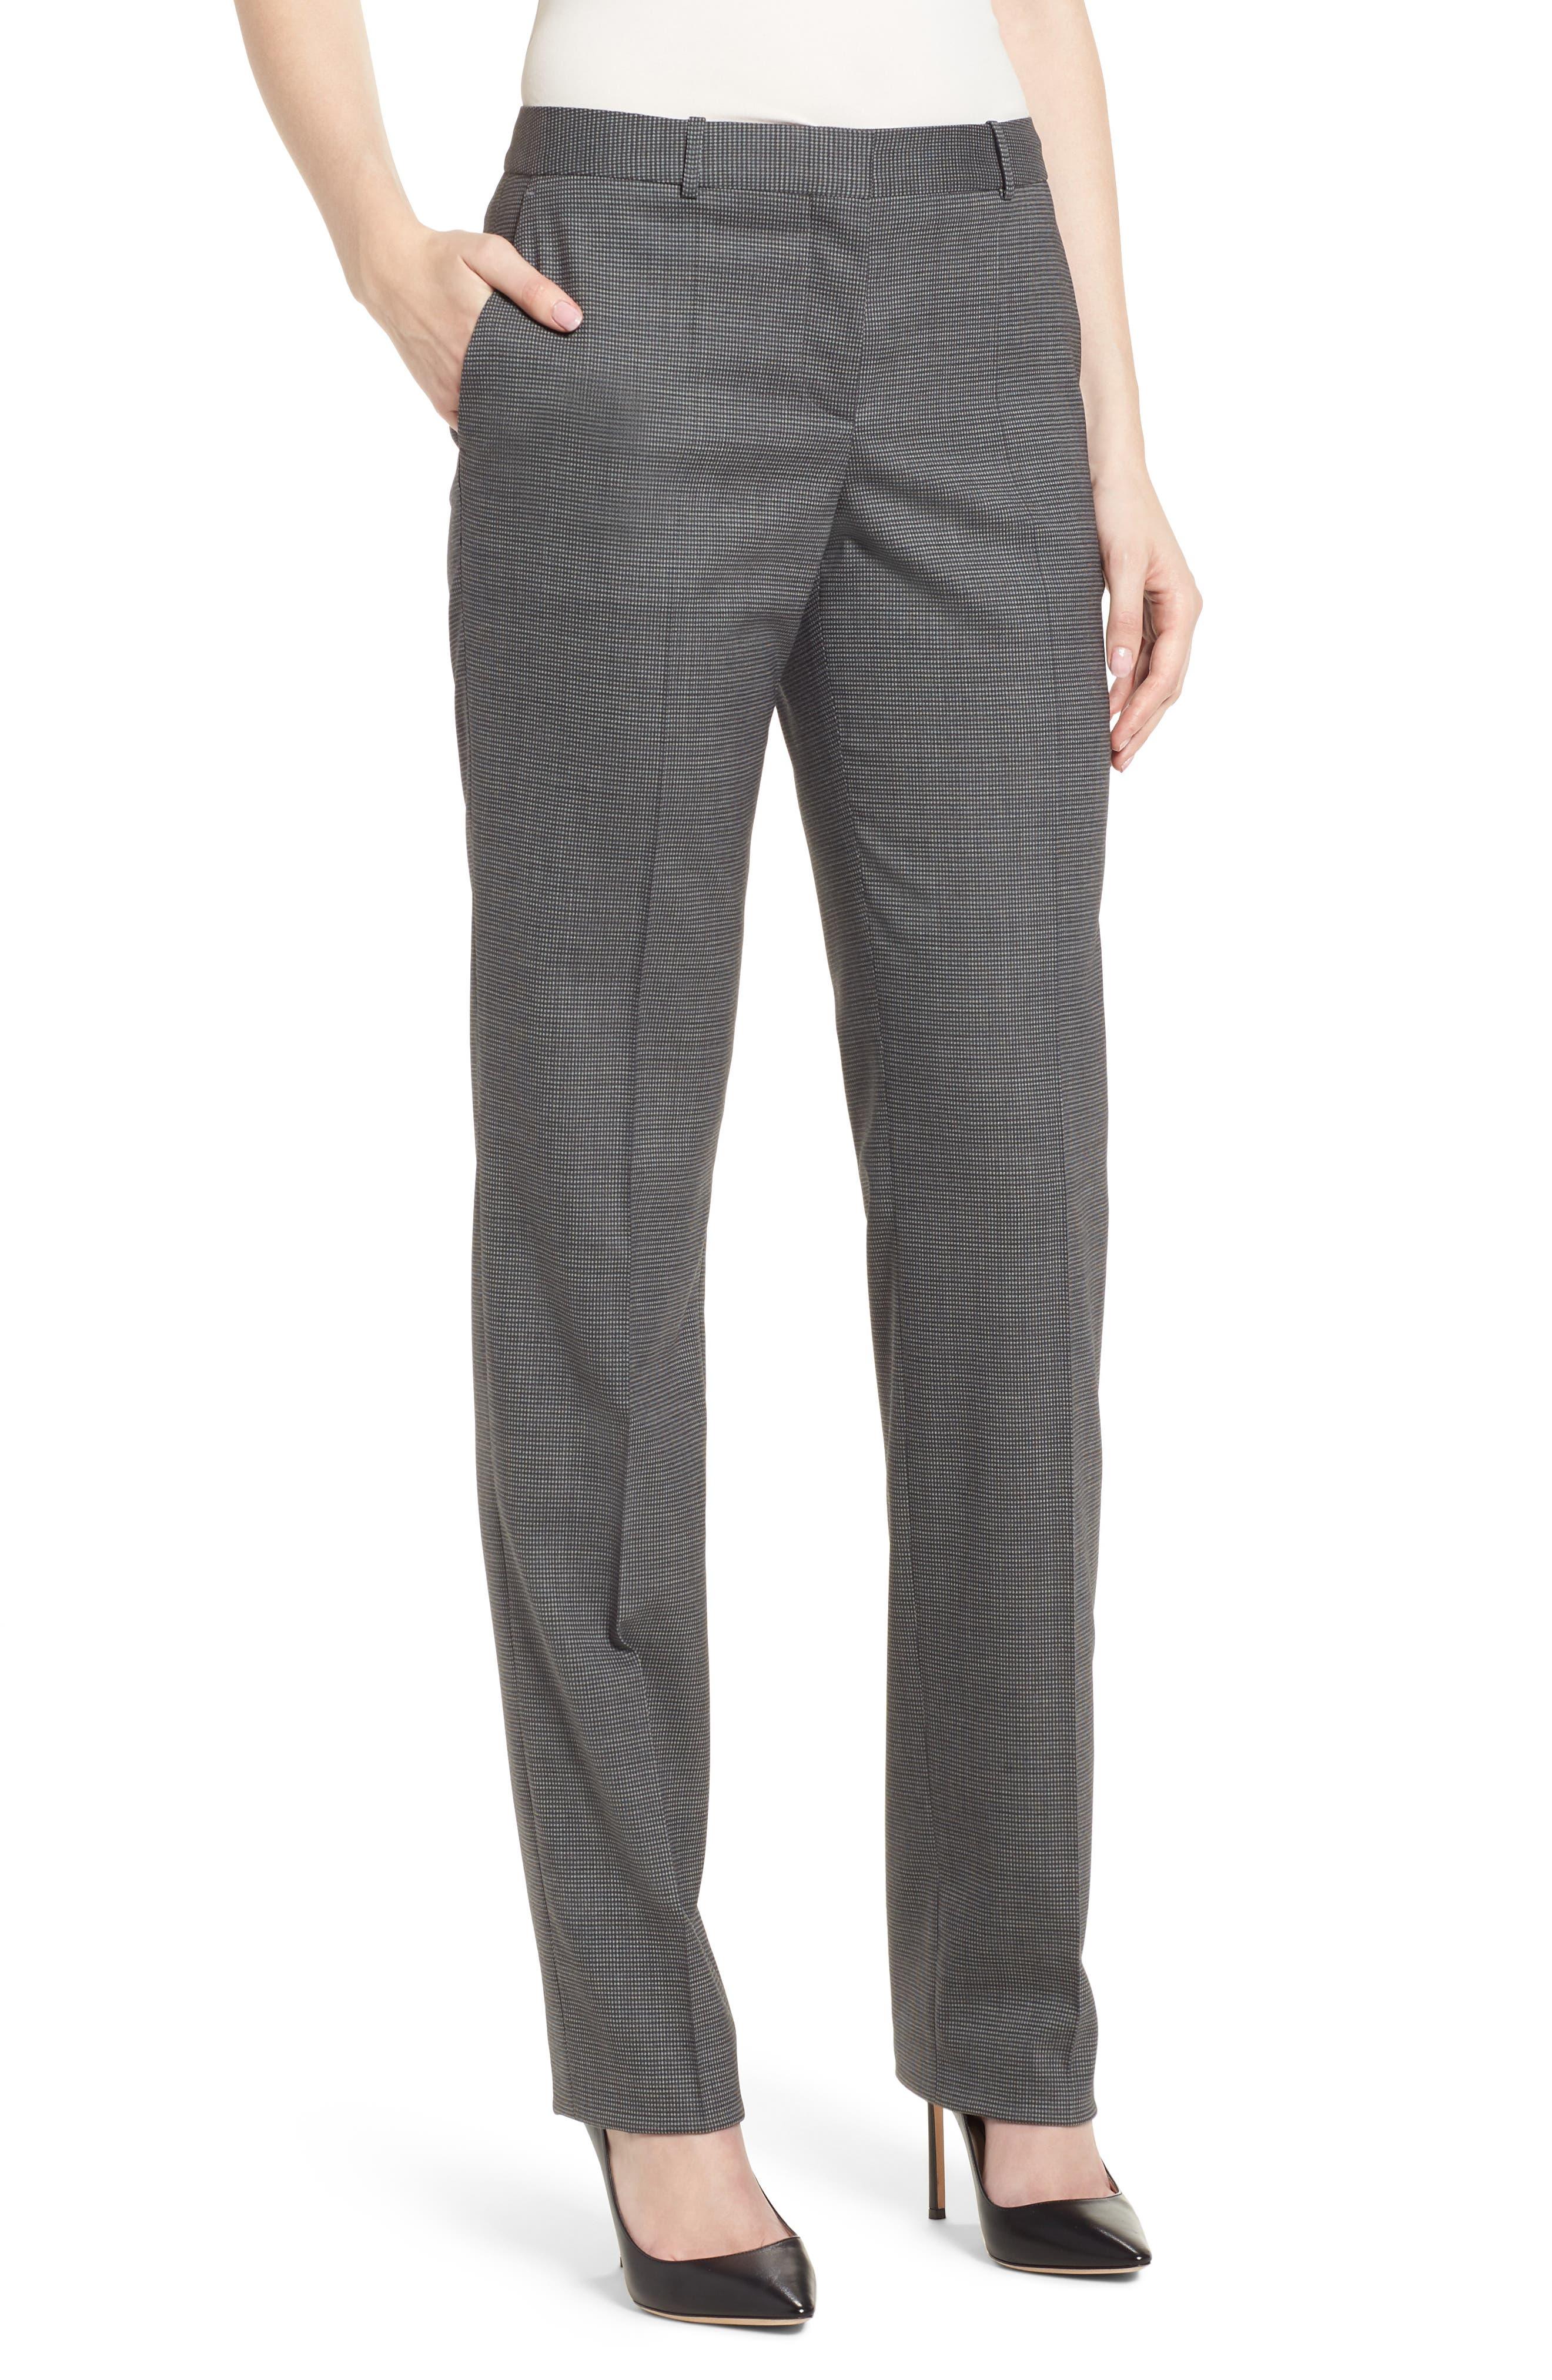 Tamea Minidessin Trousers,                         Main,                         color, 072